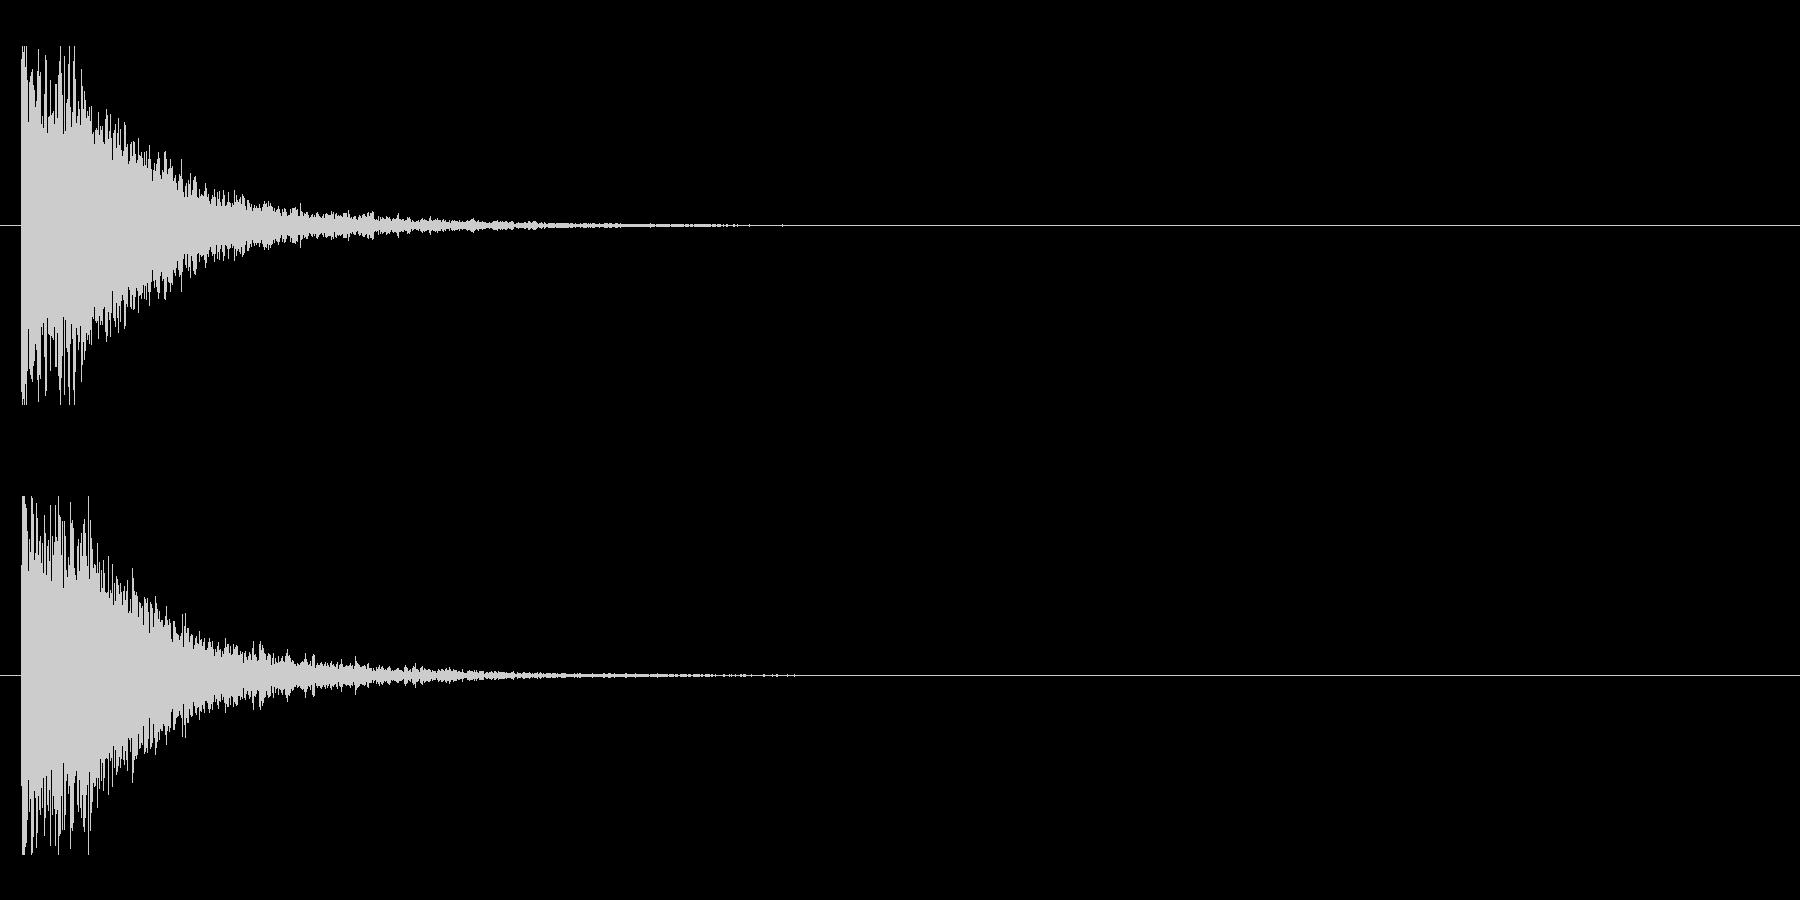 レーザー音-145-1の未再生の波形